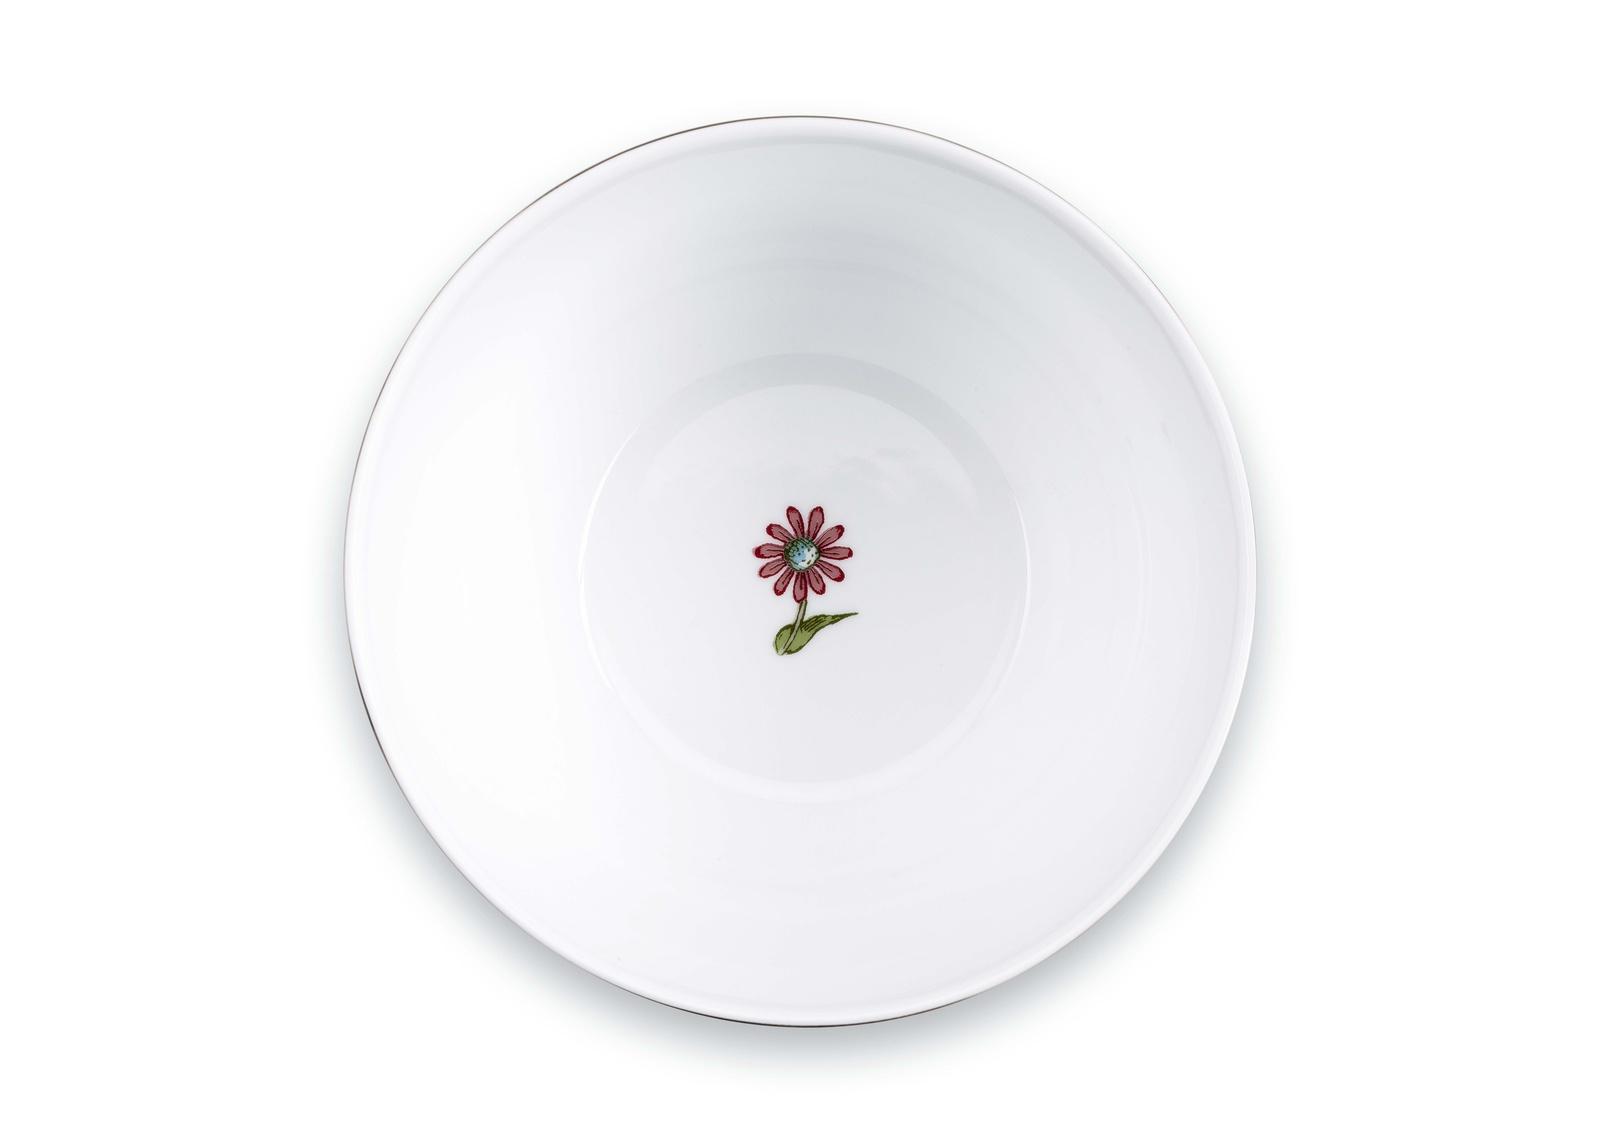 Пиала PiP Studio Spring to Life, 51.003.101, диаметр 15 см51.003.101- Материал: фарфор. Цвет: розовый. Размер: длина 15, ширина 15, высота 8,1. Не использовать в микроволновой печи, не мыть в посудомоечной машине.